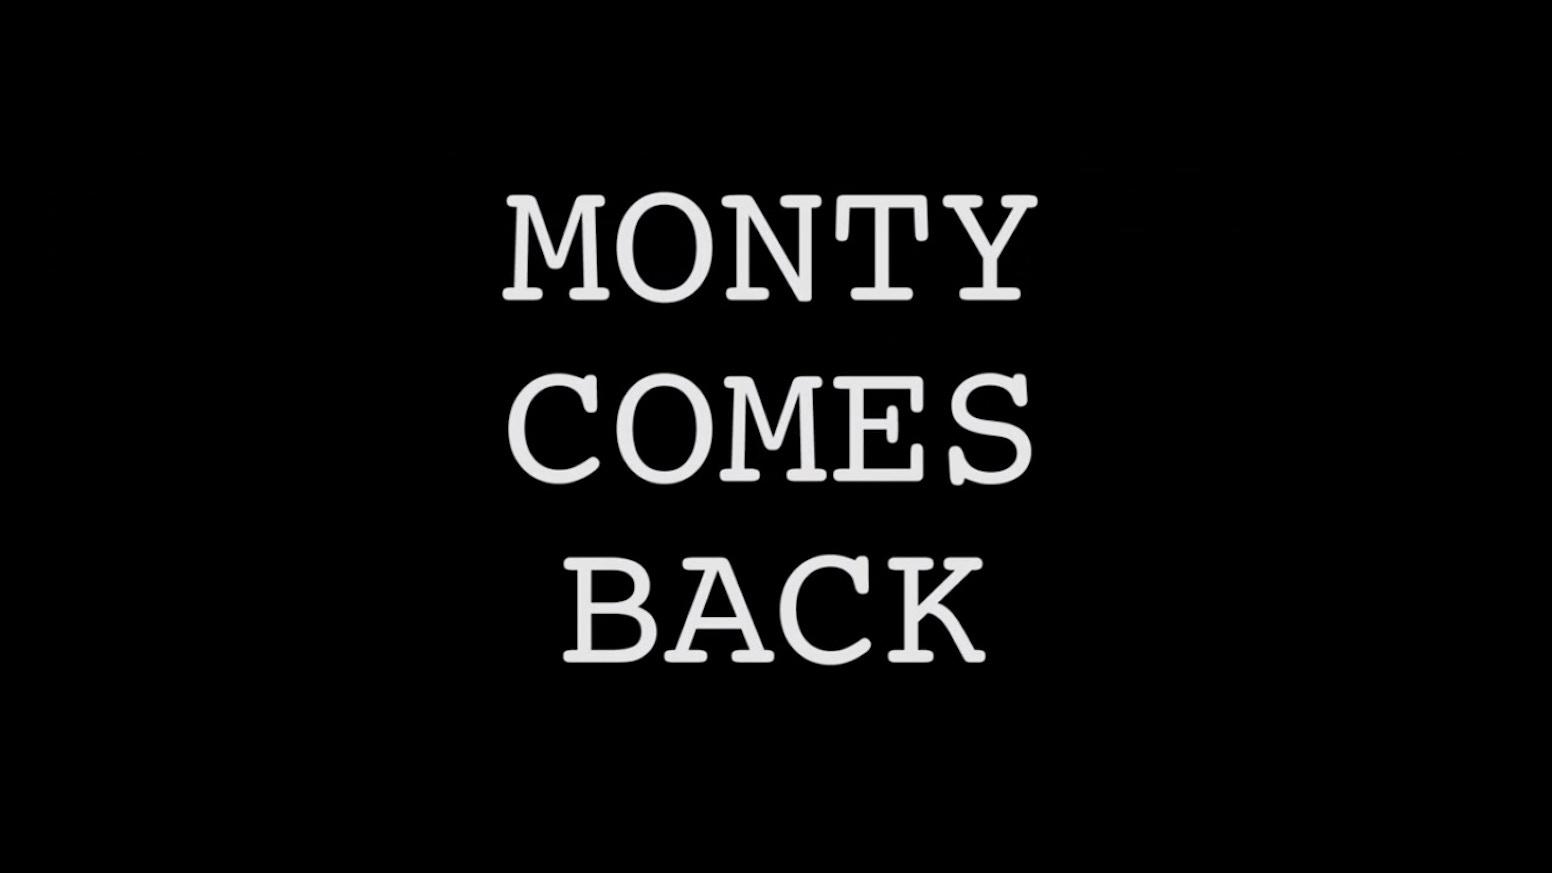 Monty Comes Back By Thomas John Nudi Kickstarter